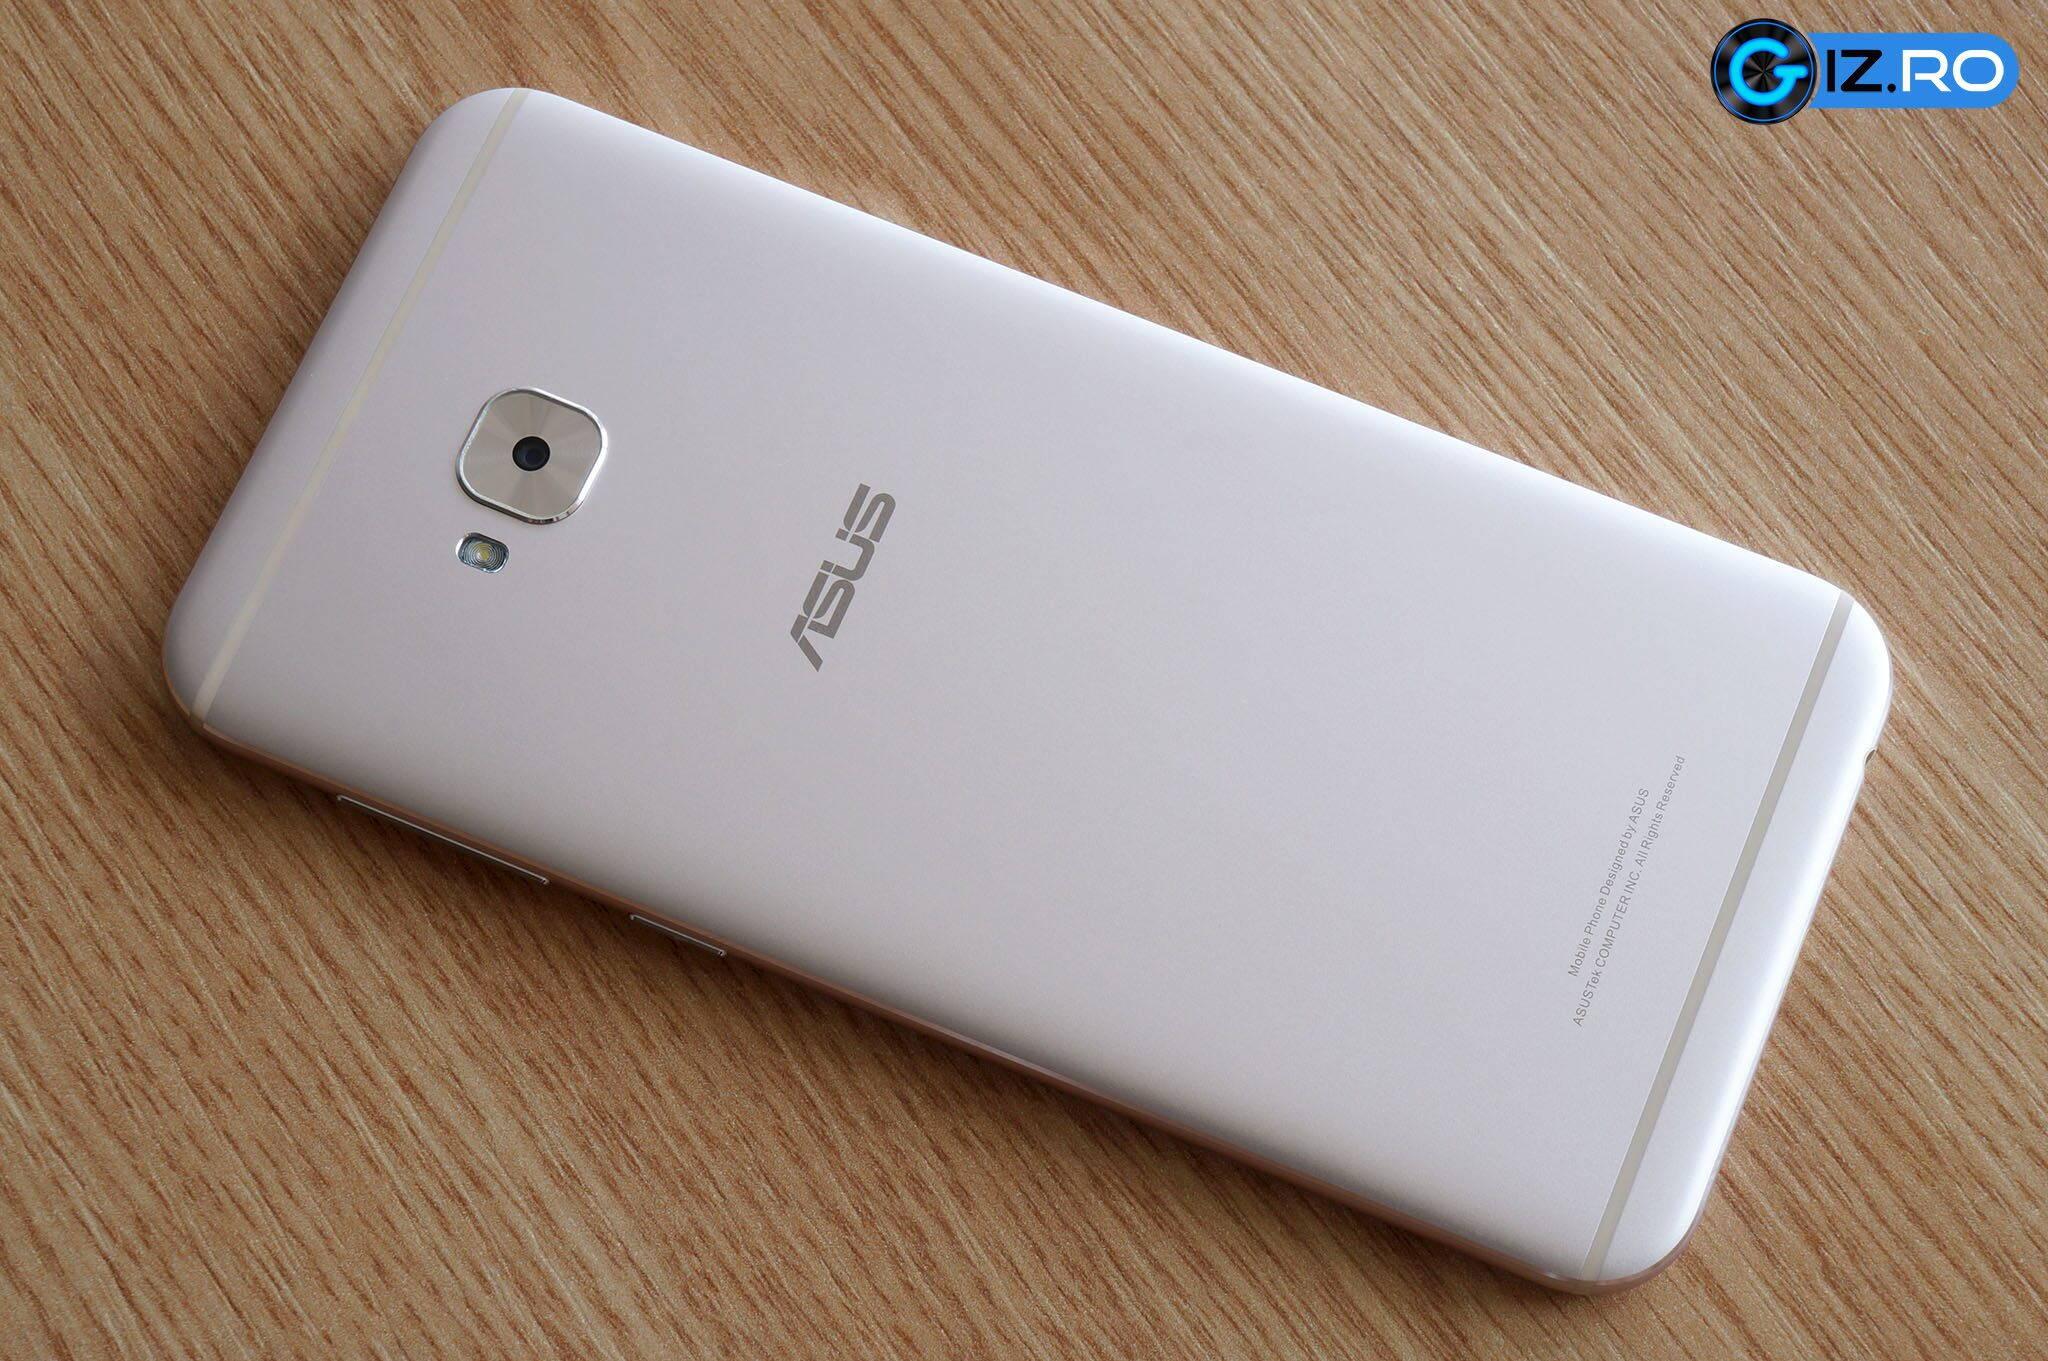 ASUS-Zenfone-4-Selfie-Pro_02